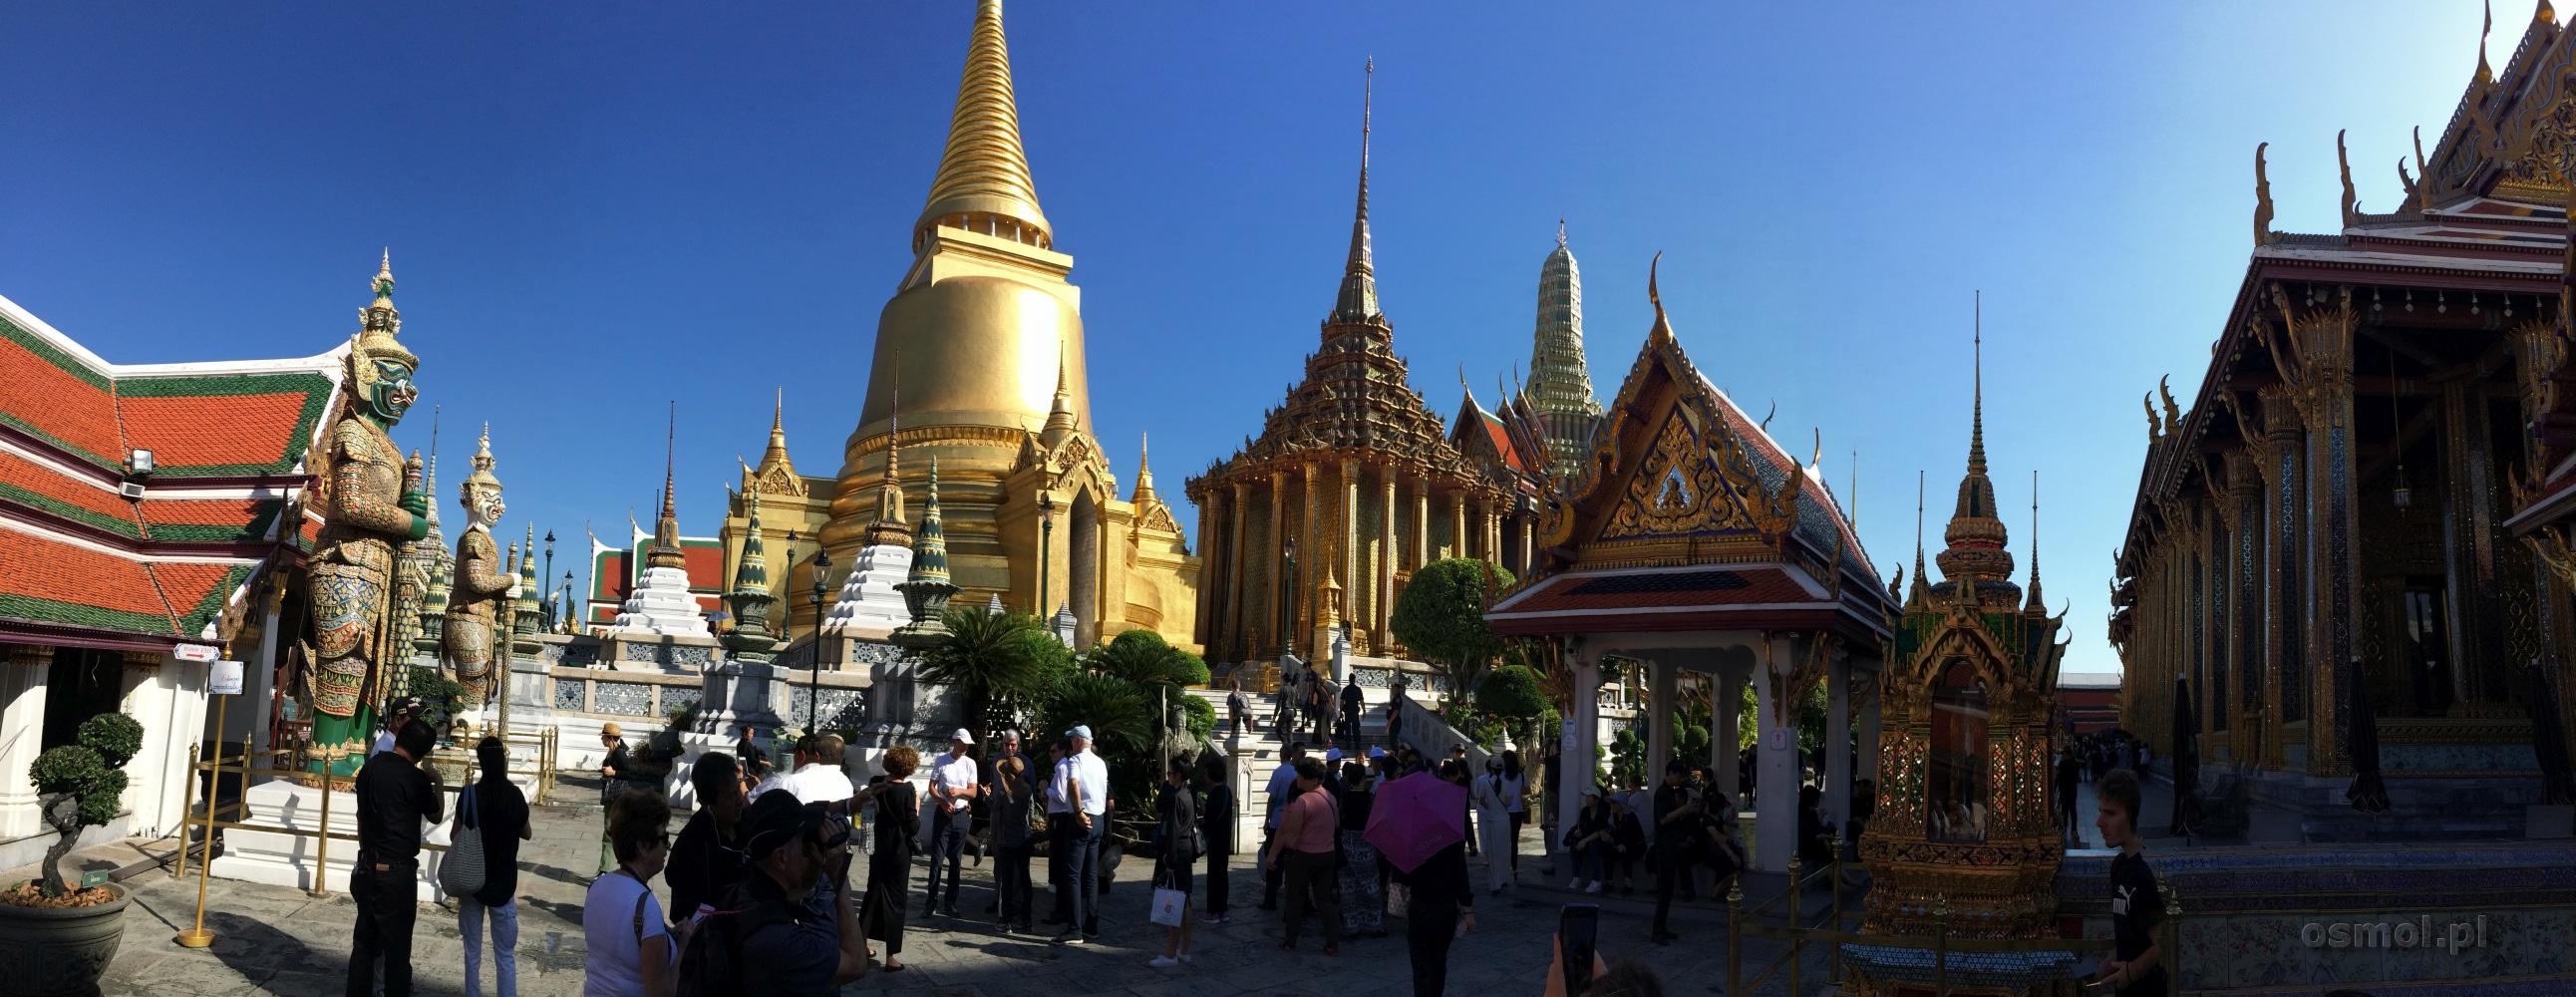 Pałac Królewski w Bangkoku złoto i tradycja